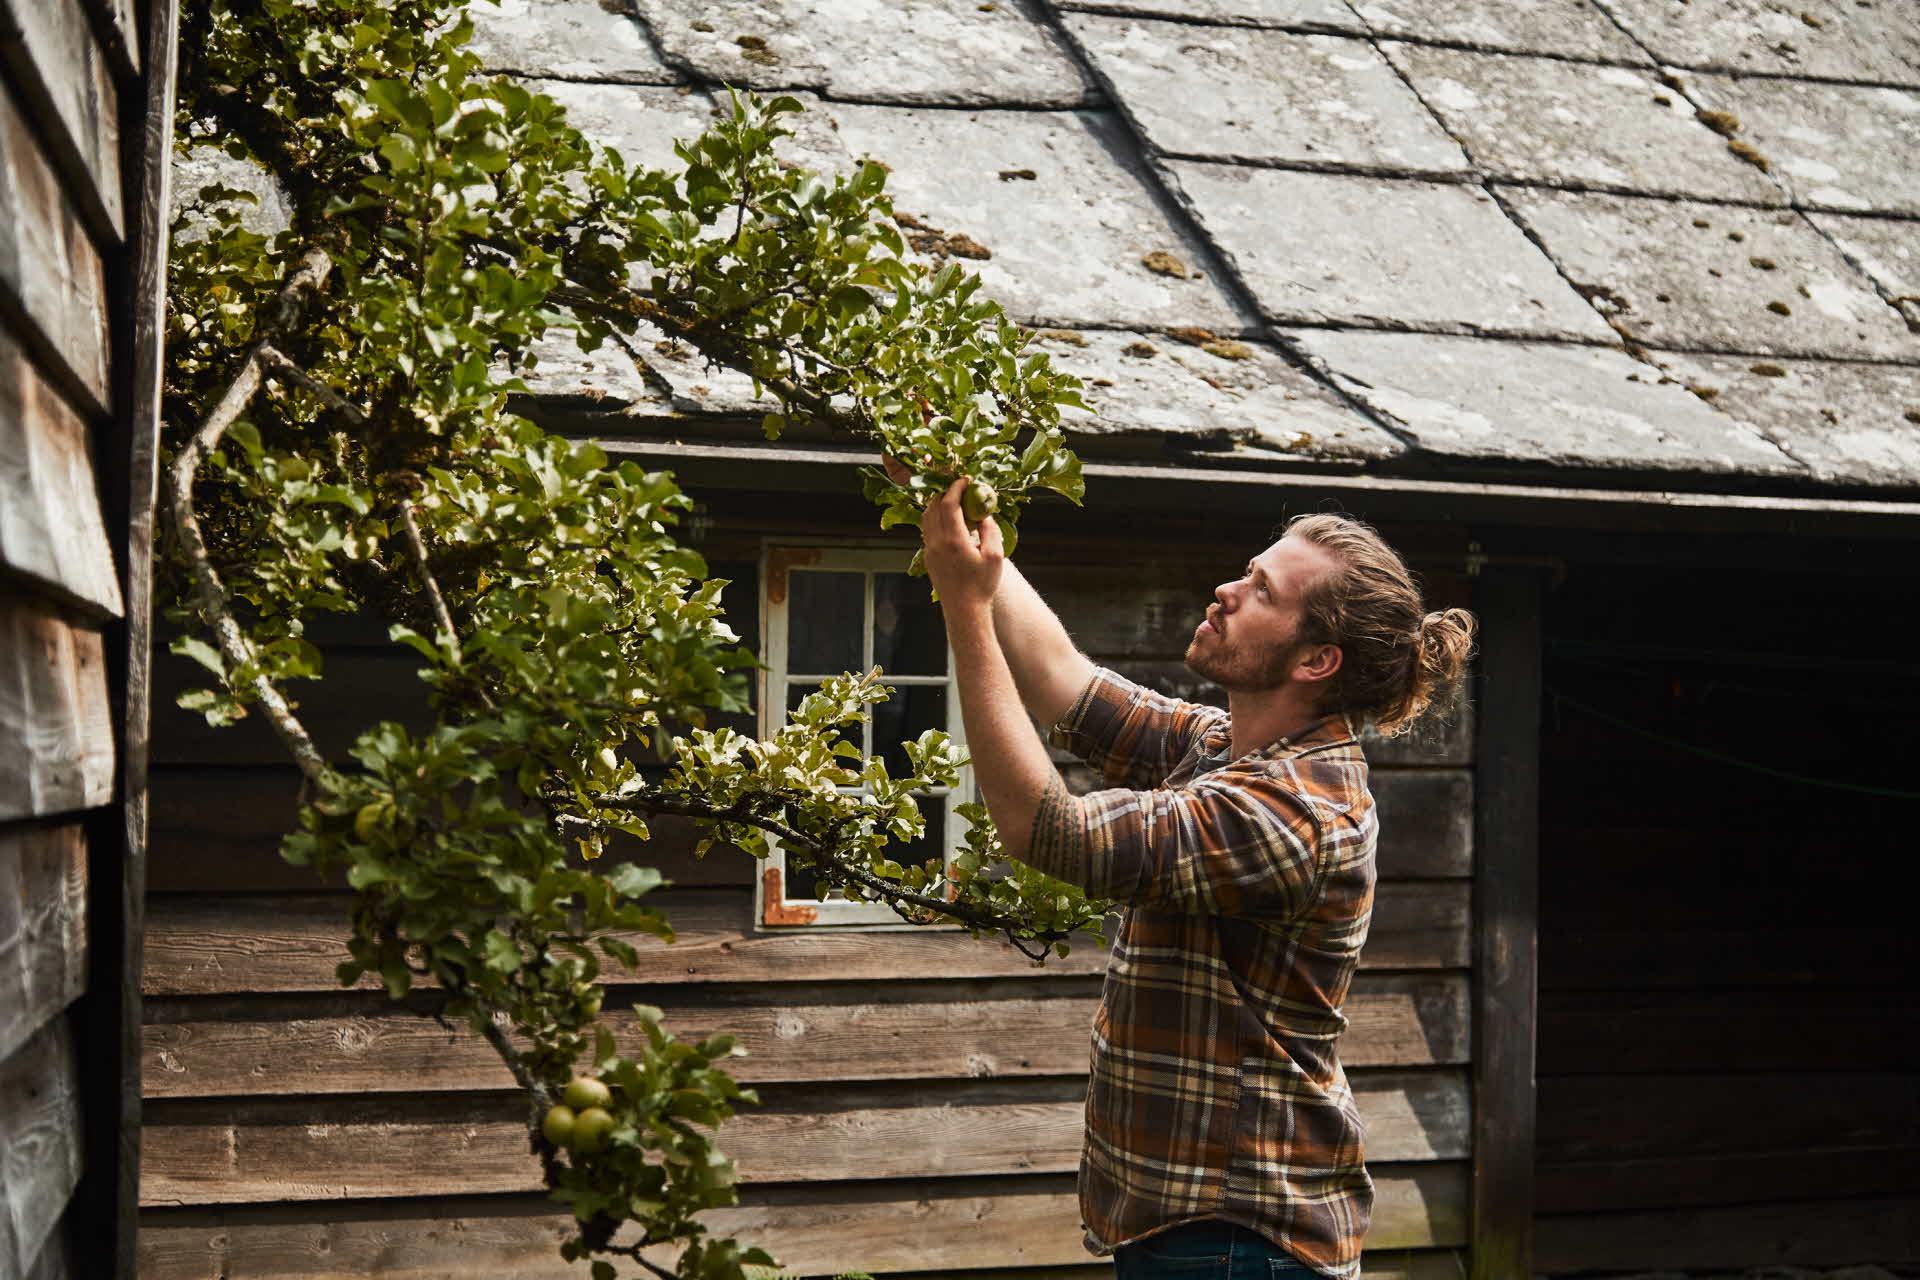 Un agricultor de manzanas examinando manzanas y manzanos entre las casas de Agatunet en Hardanger (Noruega)